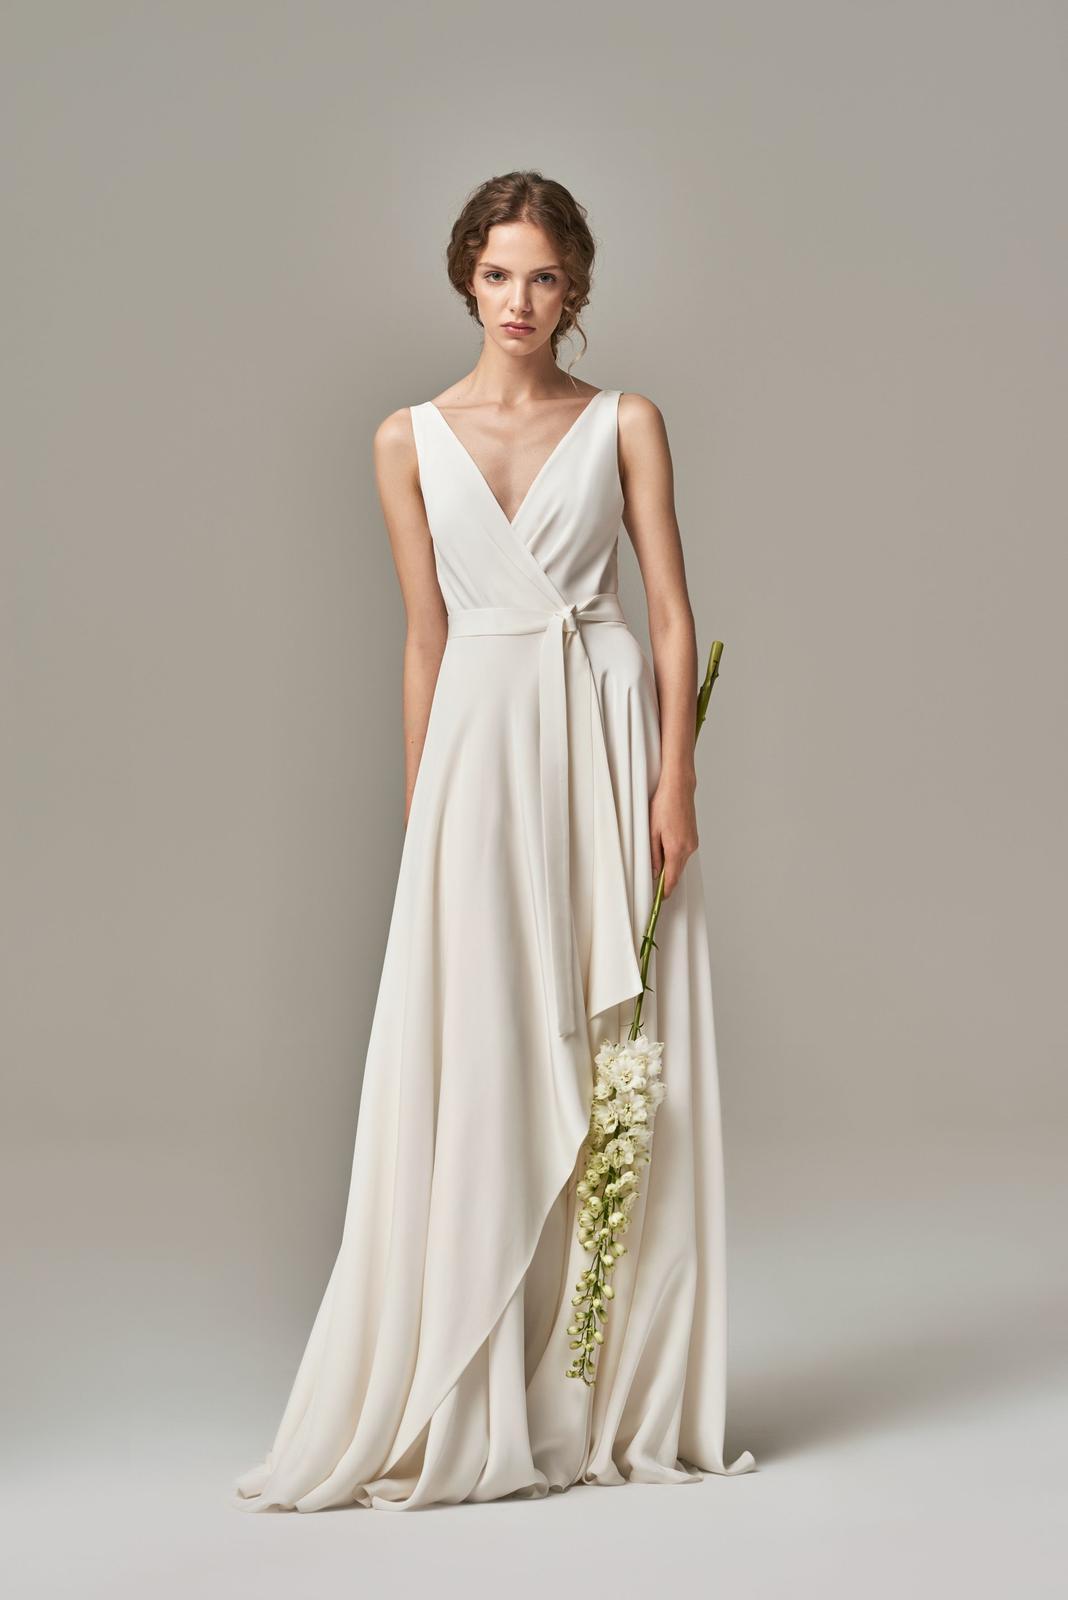 Anna Kara * Svadobné šaty z kolekcií na rok 2019 - Obrázok č. 25